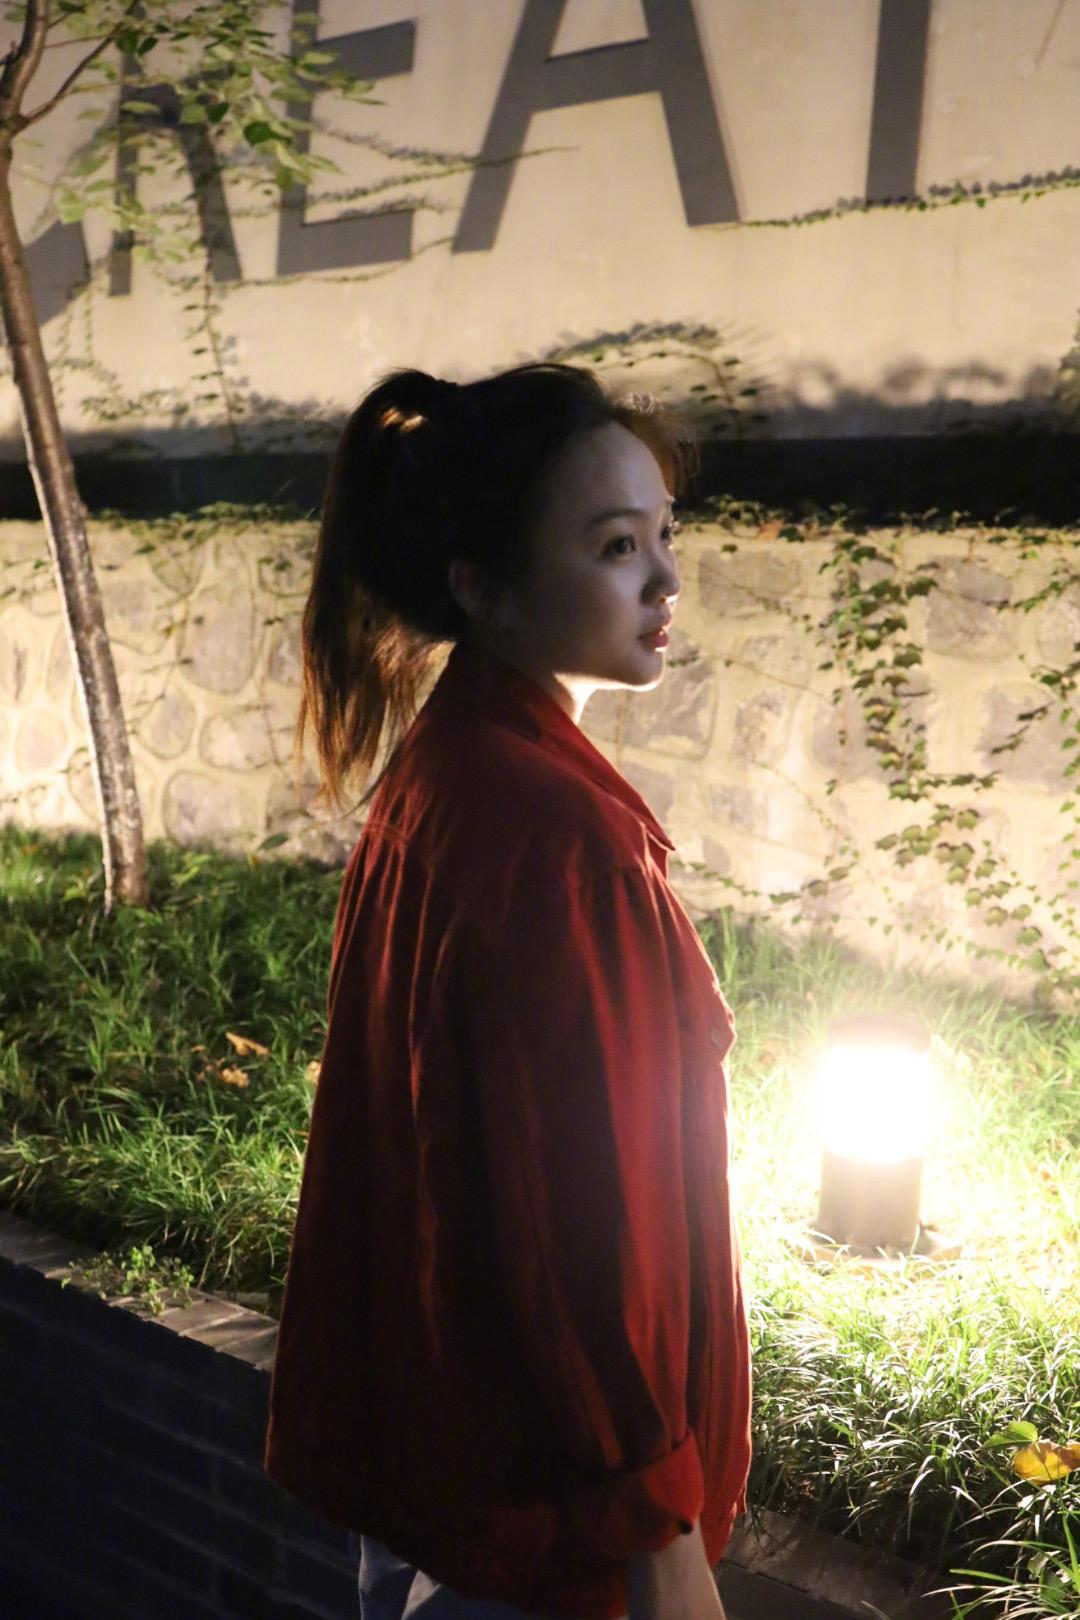 20歲林妙可低調曬照,穿紅色外套氣質甜美,瘦下來側顏美出新高度